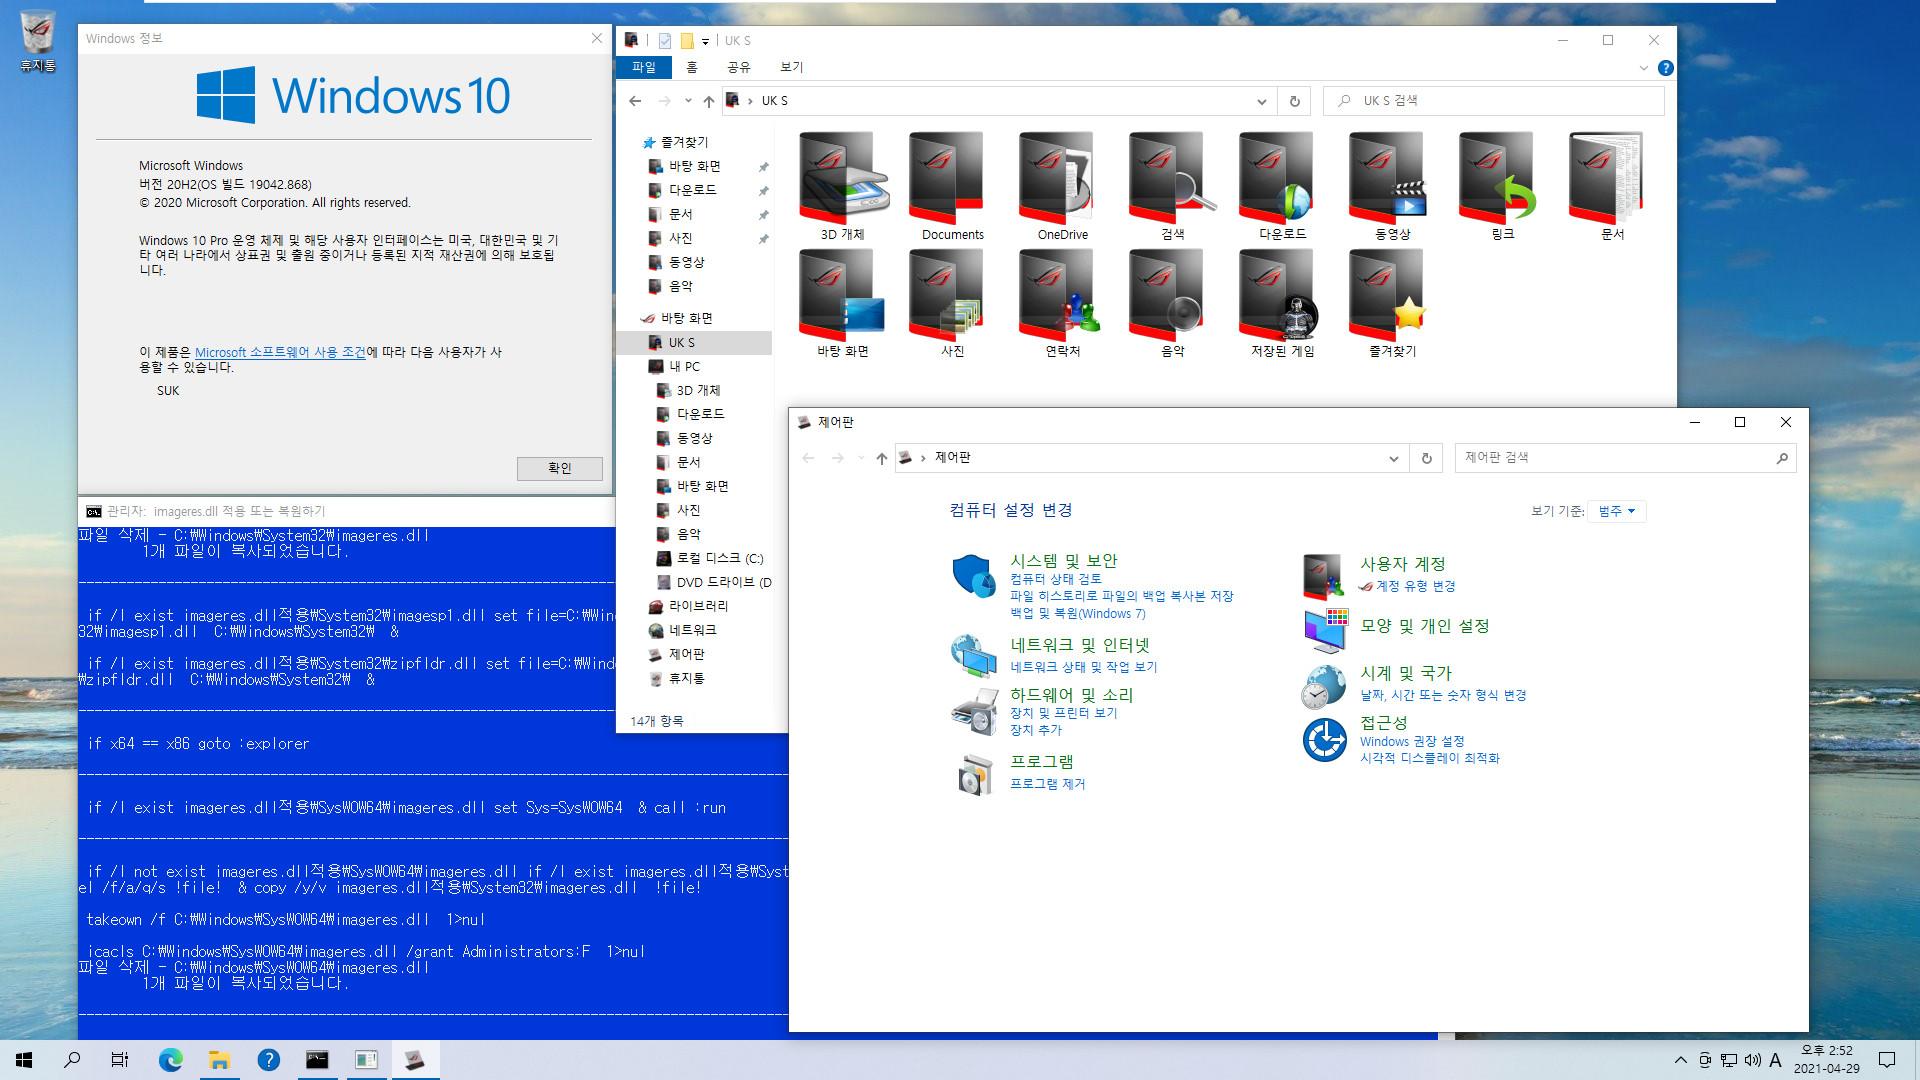 imageres.dll적용 테스트 - Windows 10 ROG EDITION 2020 v7 - 버전 20H2만 적용되네요 2021-04-29_145210.jpg